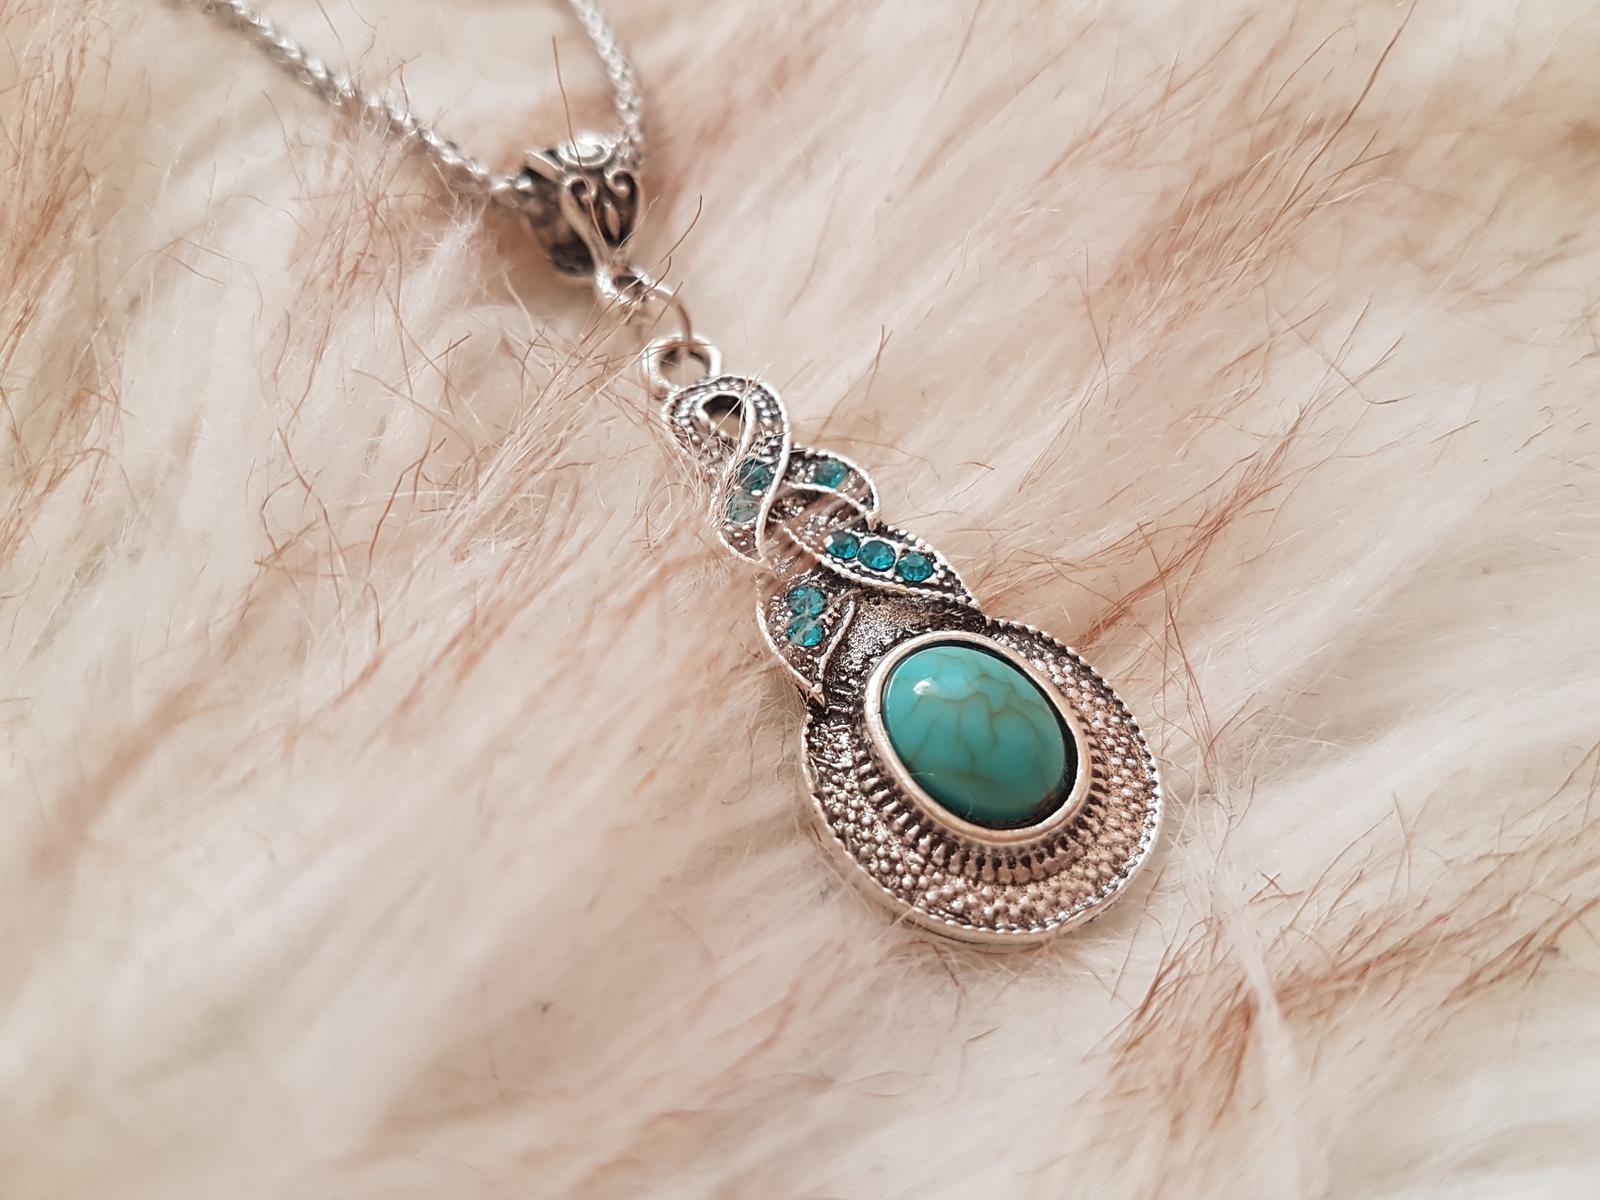 náhrdelník s náušnicami - Obrázok č. 3